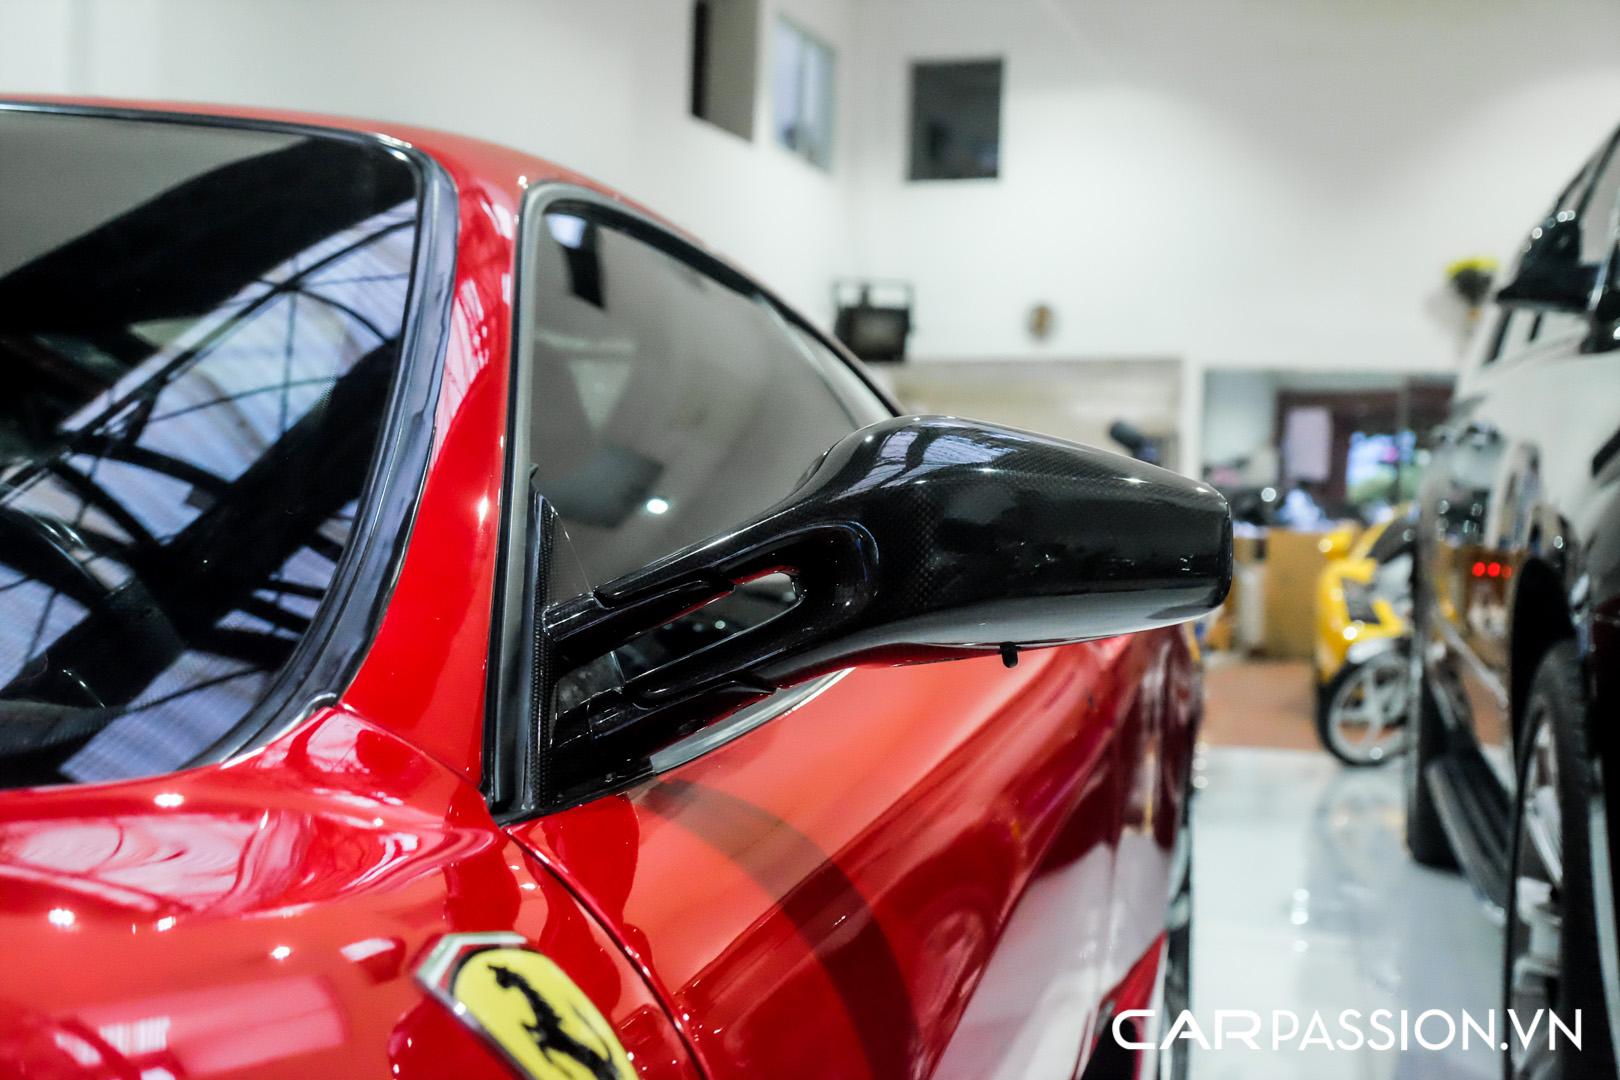 CP-Ferrari 430 Scuderia (54).jpg